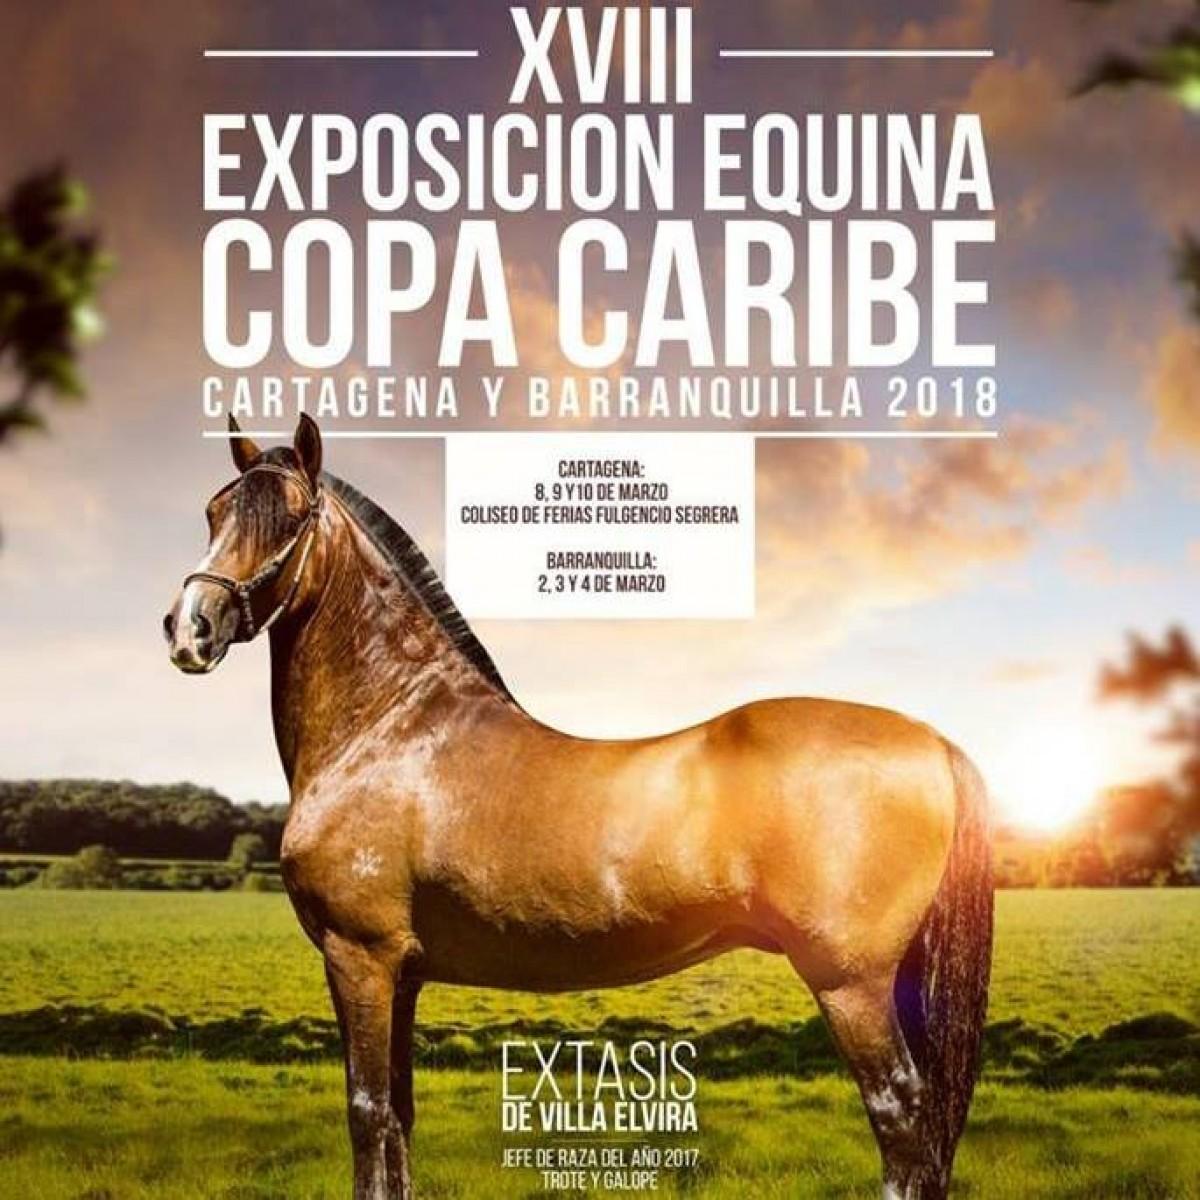 TRANSMISIÓN XVIII Exposición Equina Copa Caribe Cartagena Del 8 Al 10 De Marzo